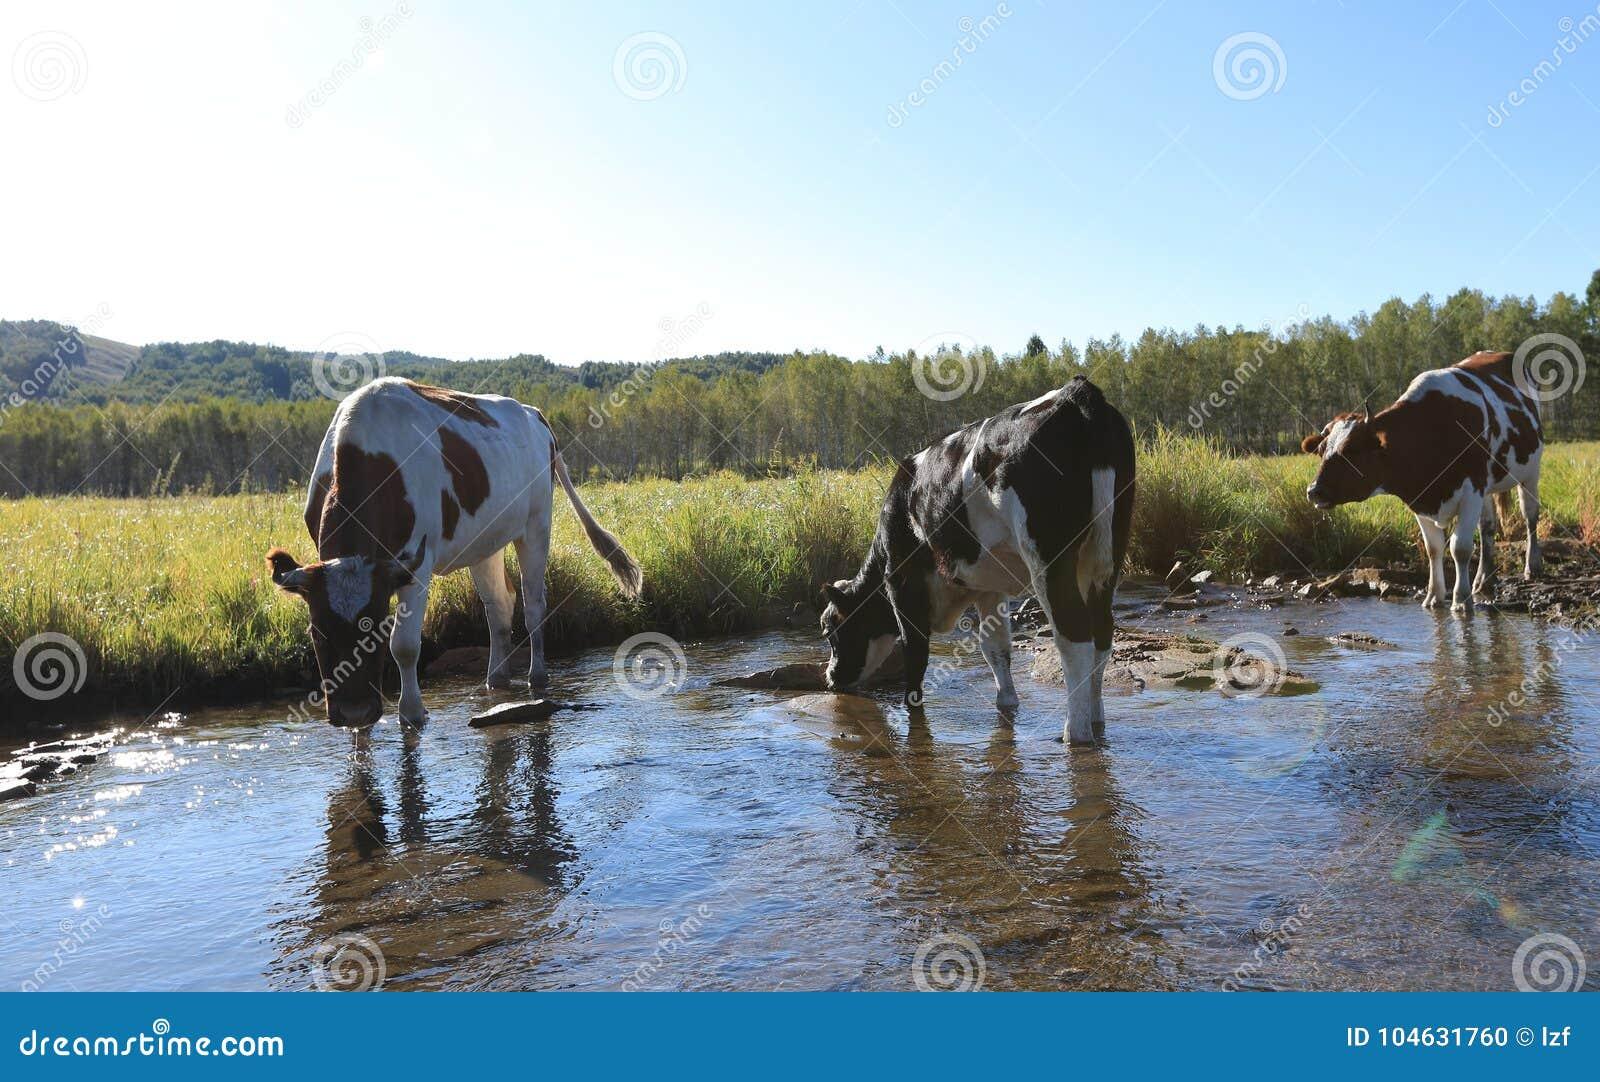 Download Koeien Die Door De Rivier Lopen Stock Foto - Afbeelding bestaande uit aziatisch, ochtend: 104631760